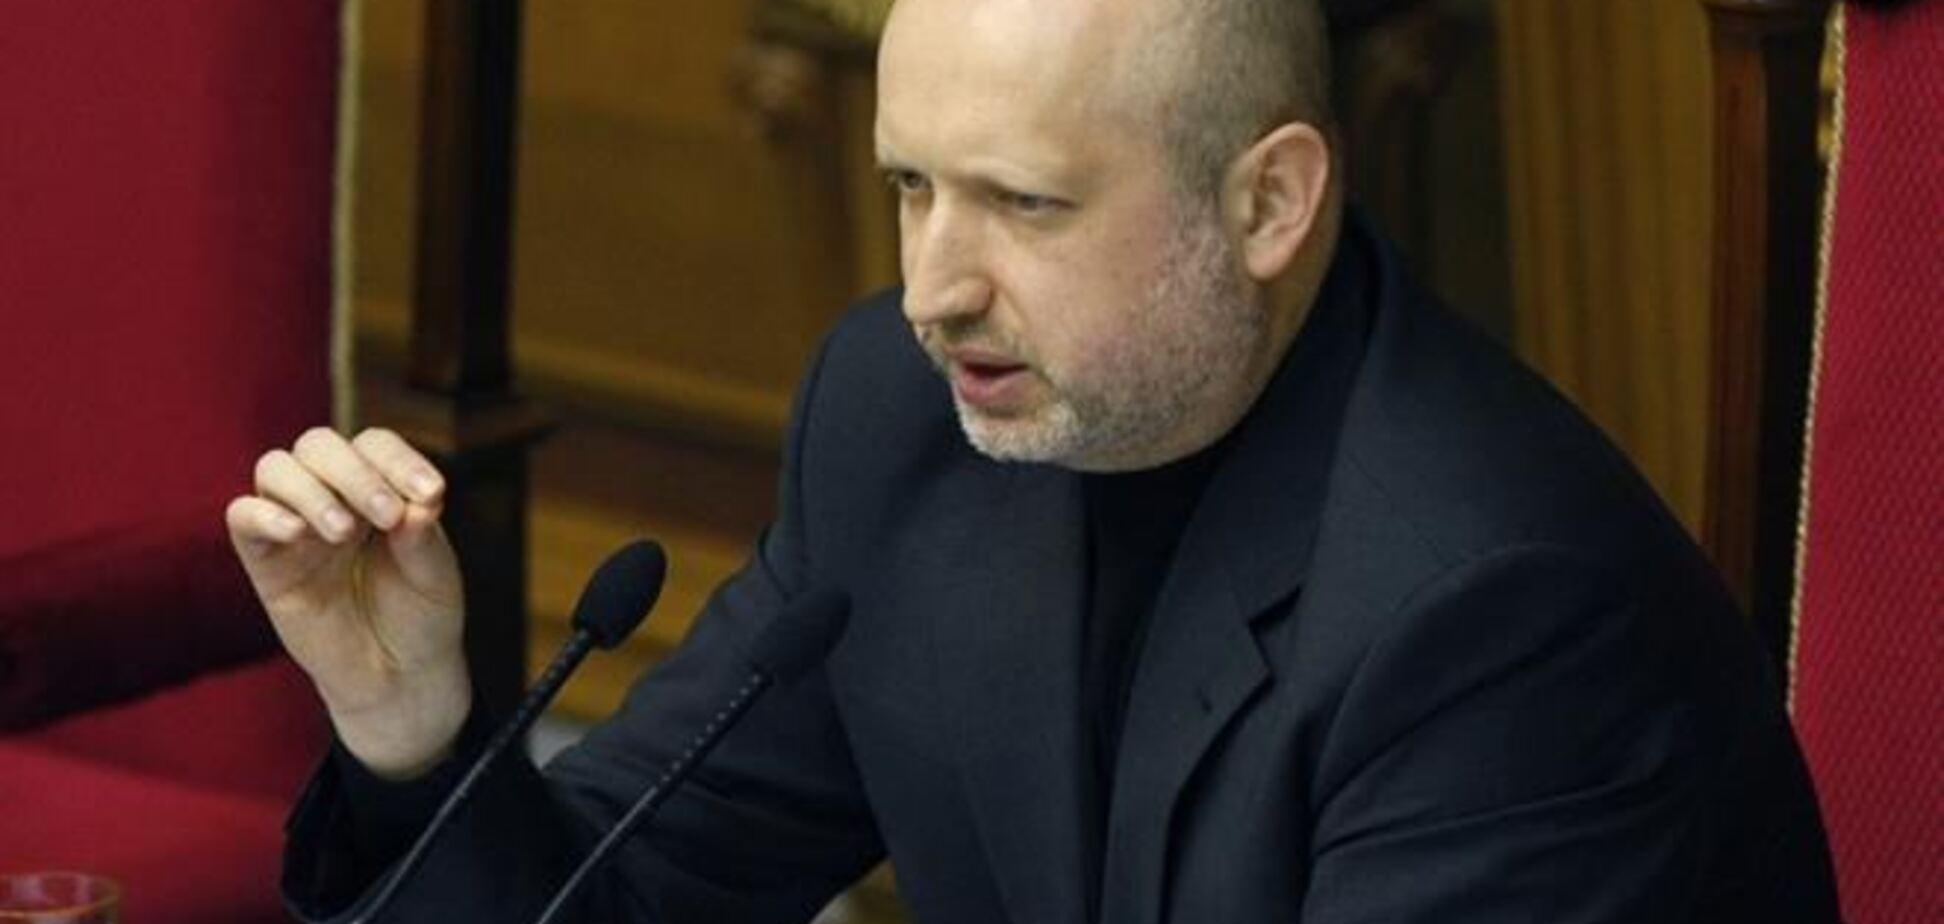 Турчинов получил полномочия подписывать законы